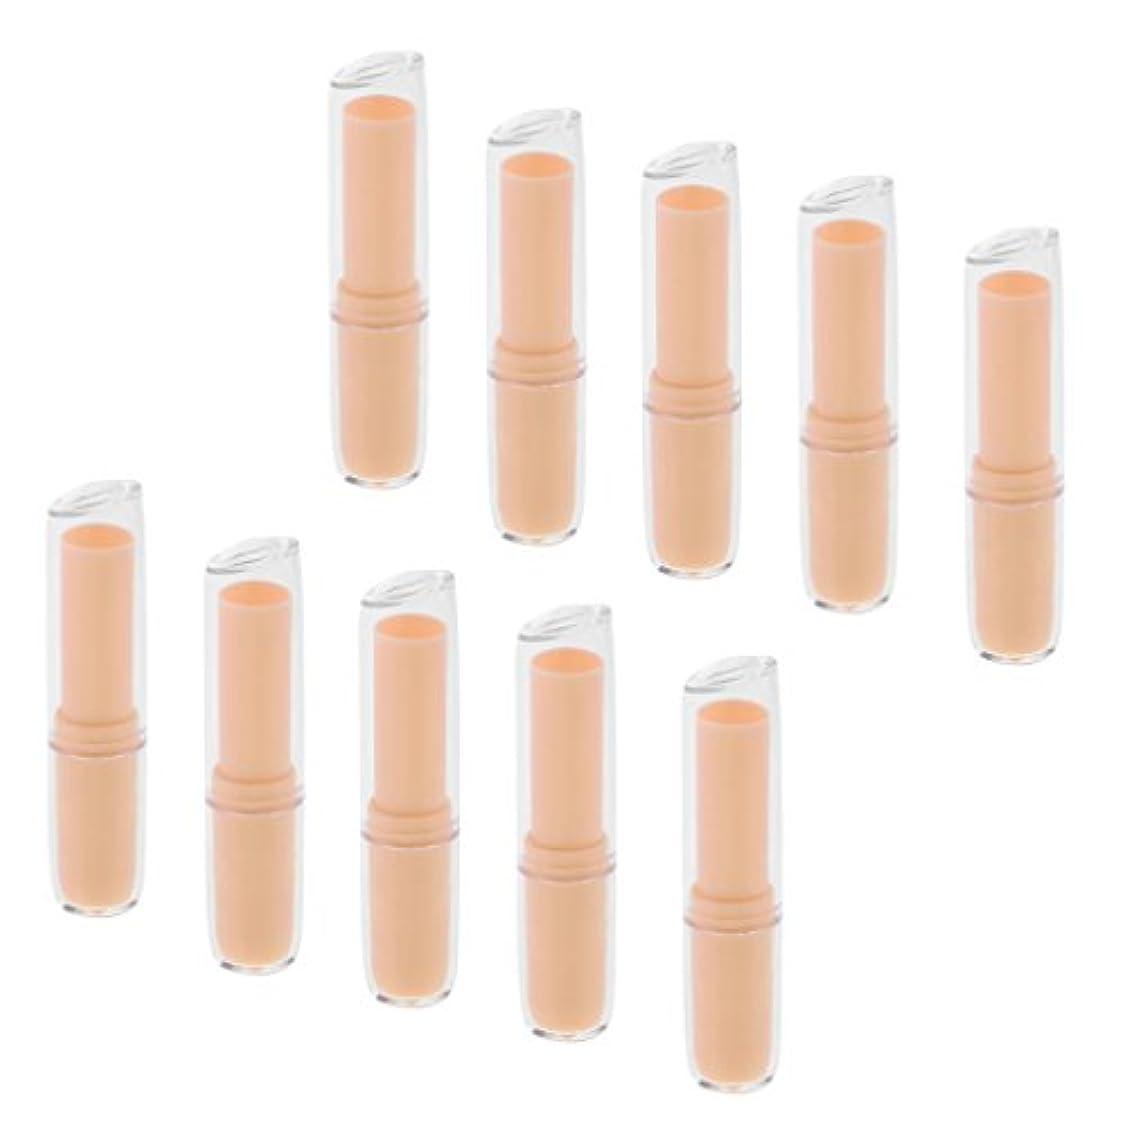 花不運忠実に10個の空の口紅チューブリップクリーム容器DIY化粧品メイクアップツール - オレンジ